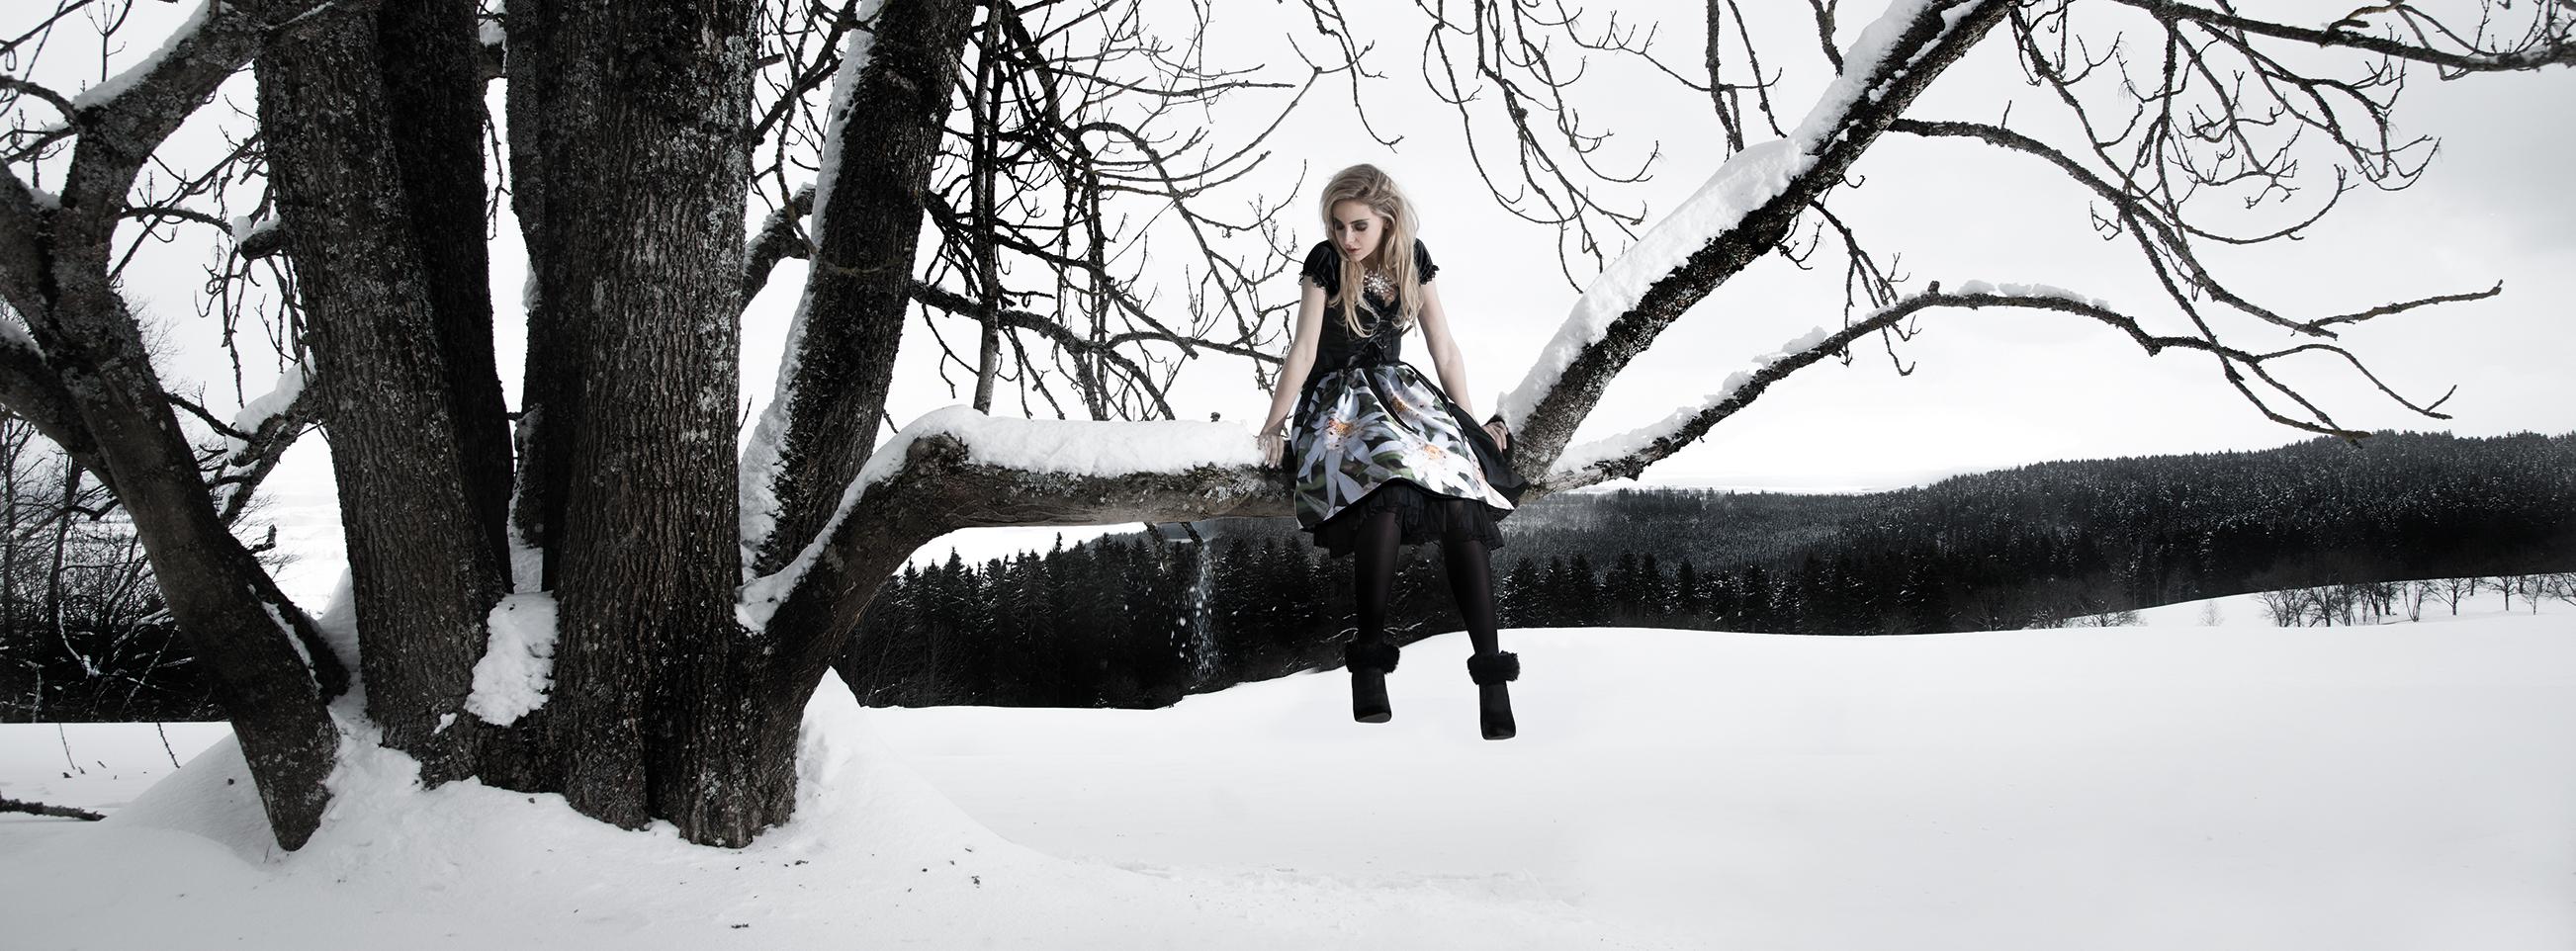 Winter-Ohne Beschriftung